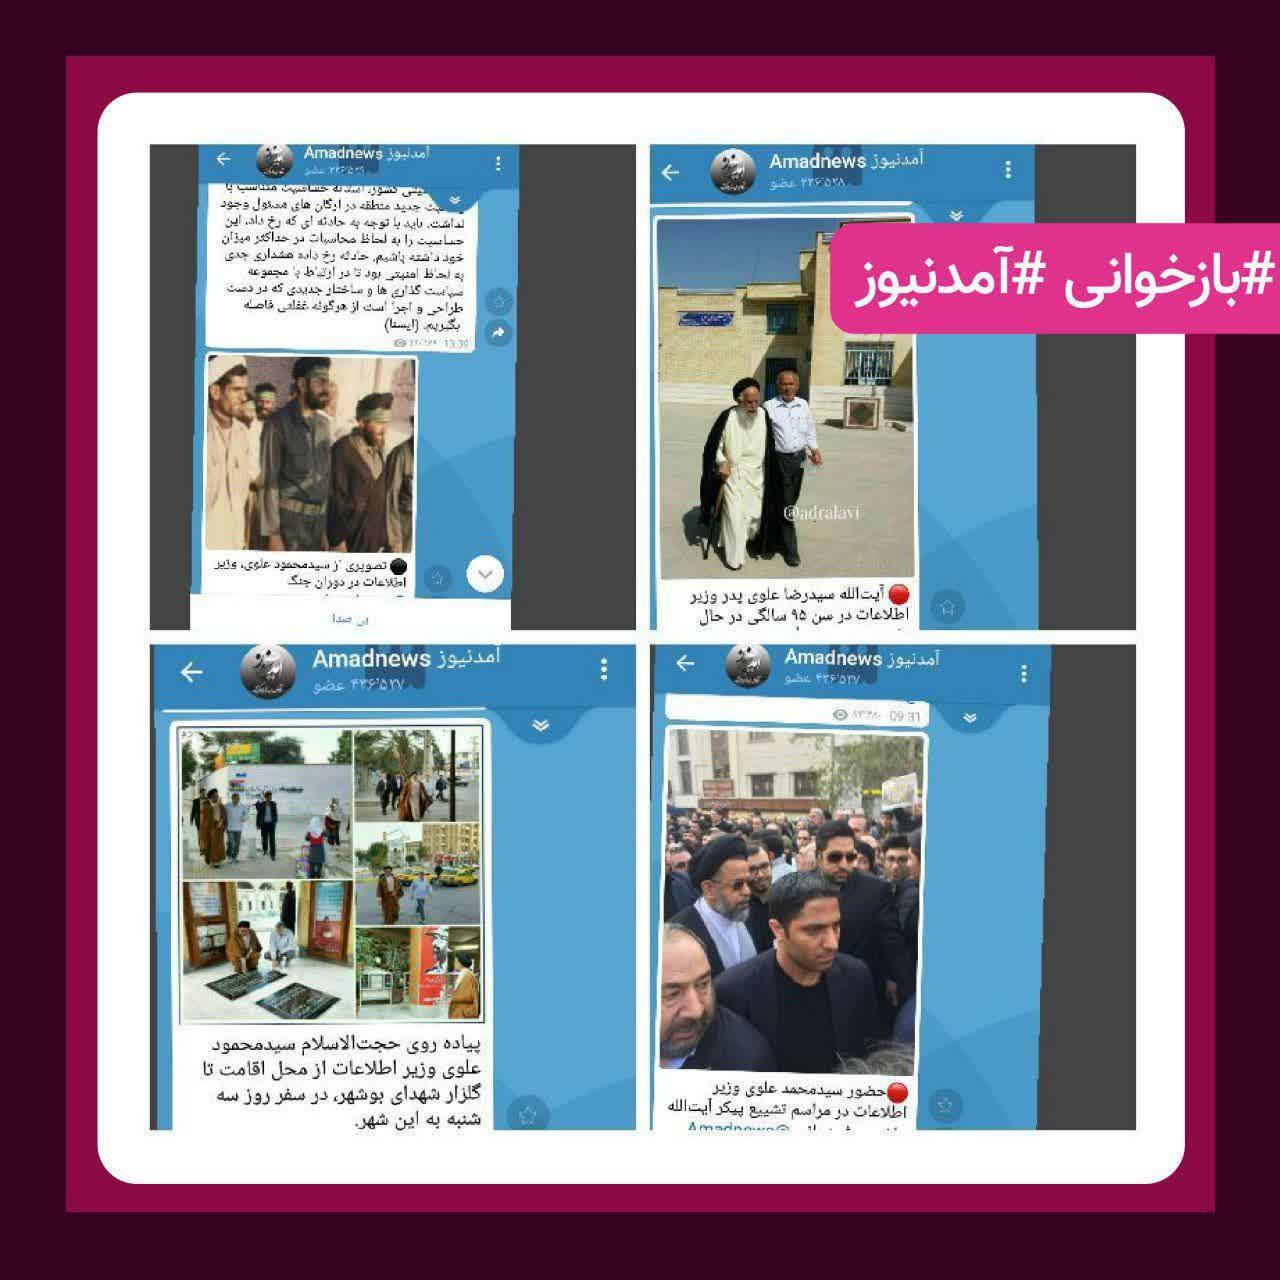 amadnews%20%2812%29 شکایت وزیر اطلاعات از حسن عباسی به بهانه بیان ارتباط و رابطه آمدنیوز و همچنين وزیر اطلاعات + اسناد